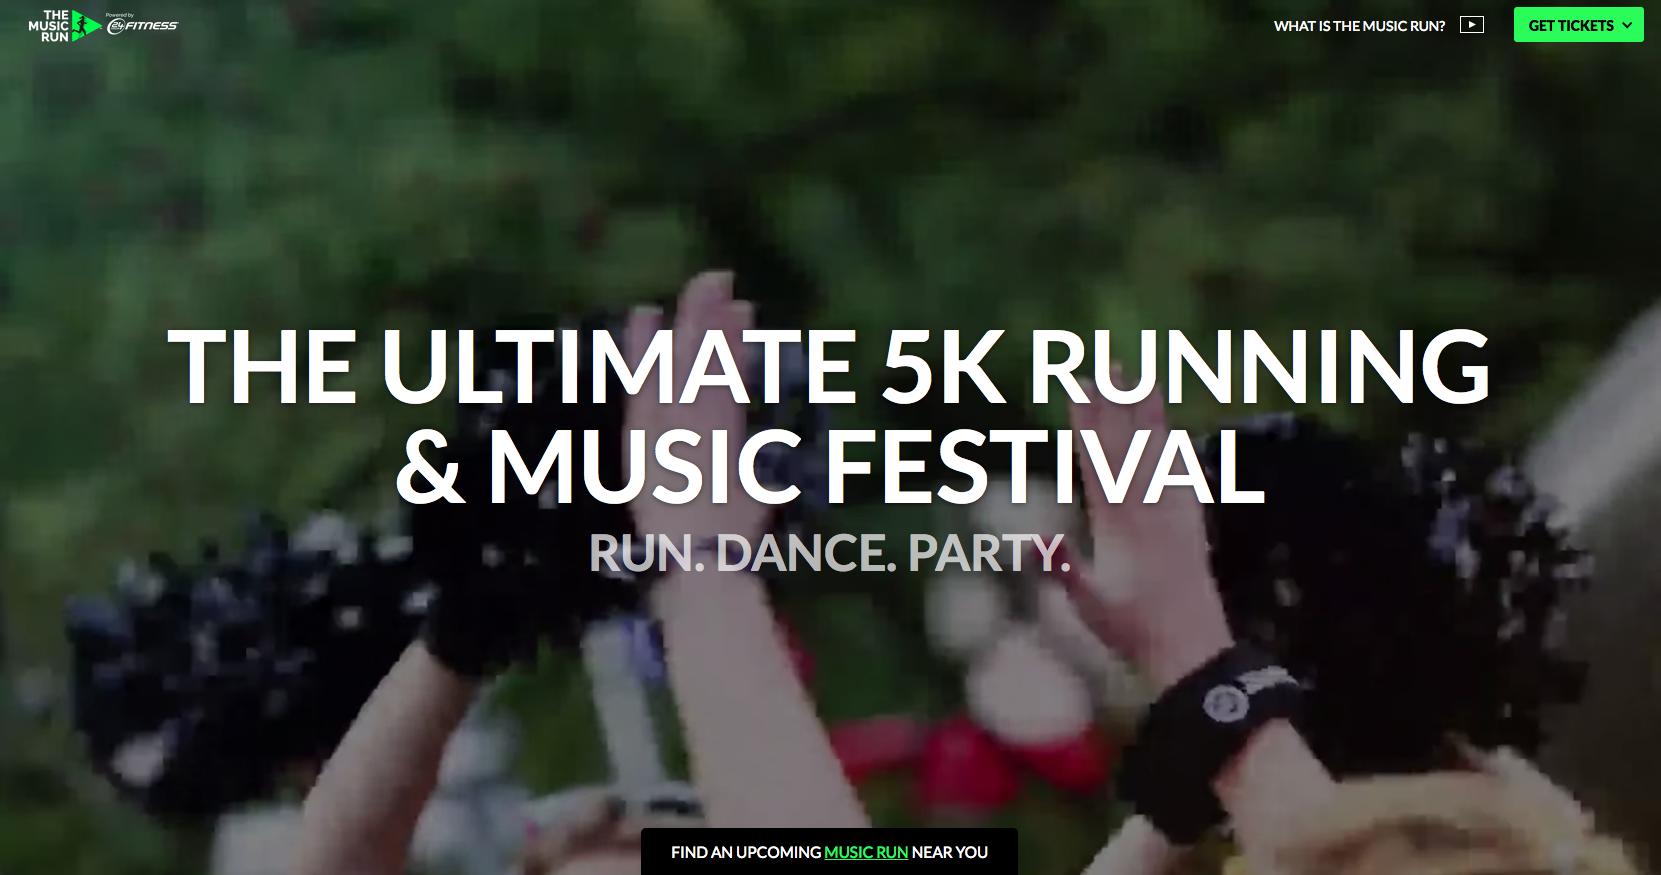 The Music Run event website